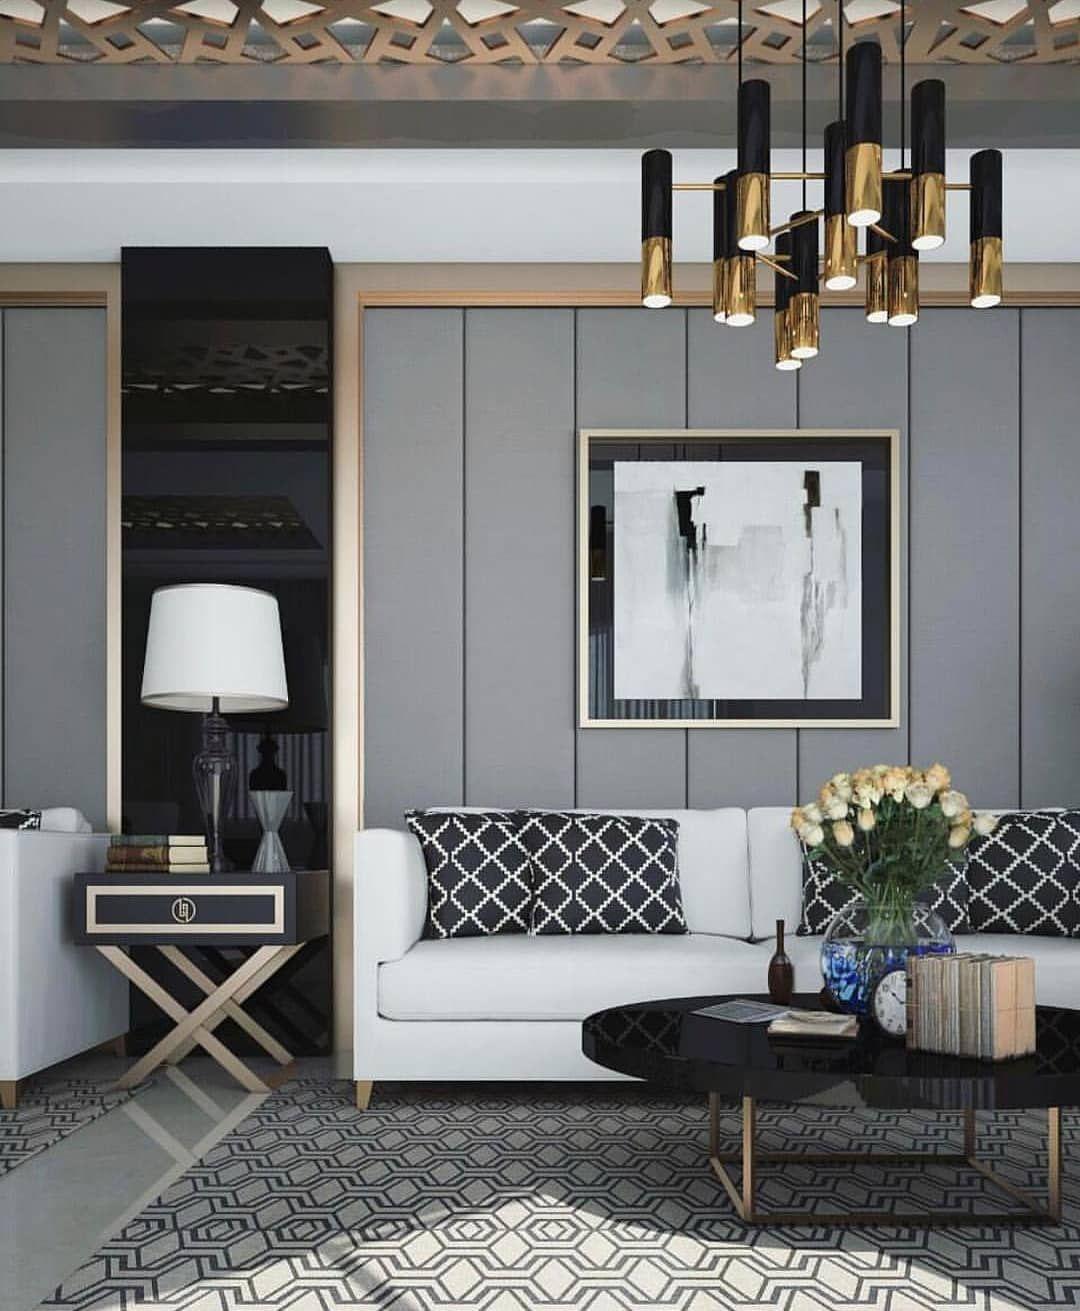 Where To Get Home Design Ideas